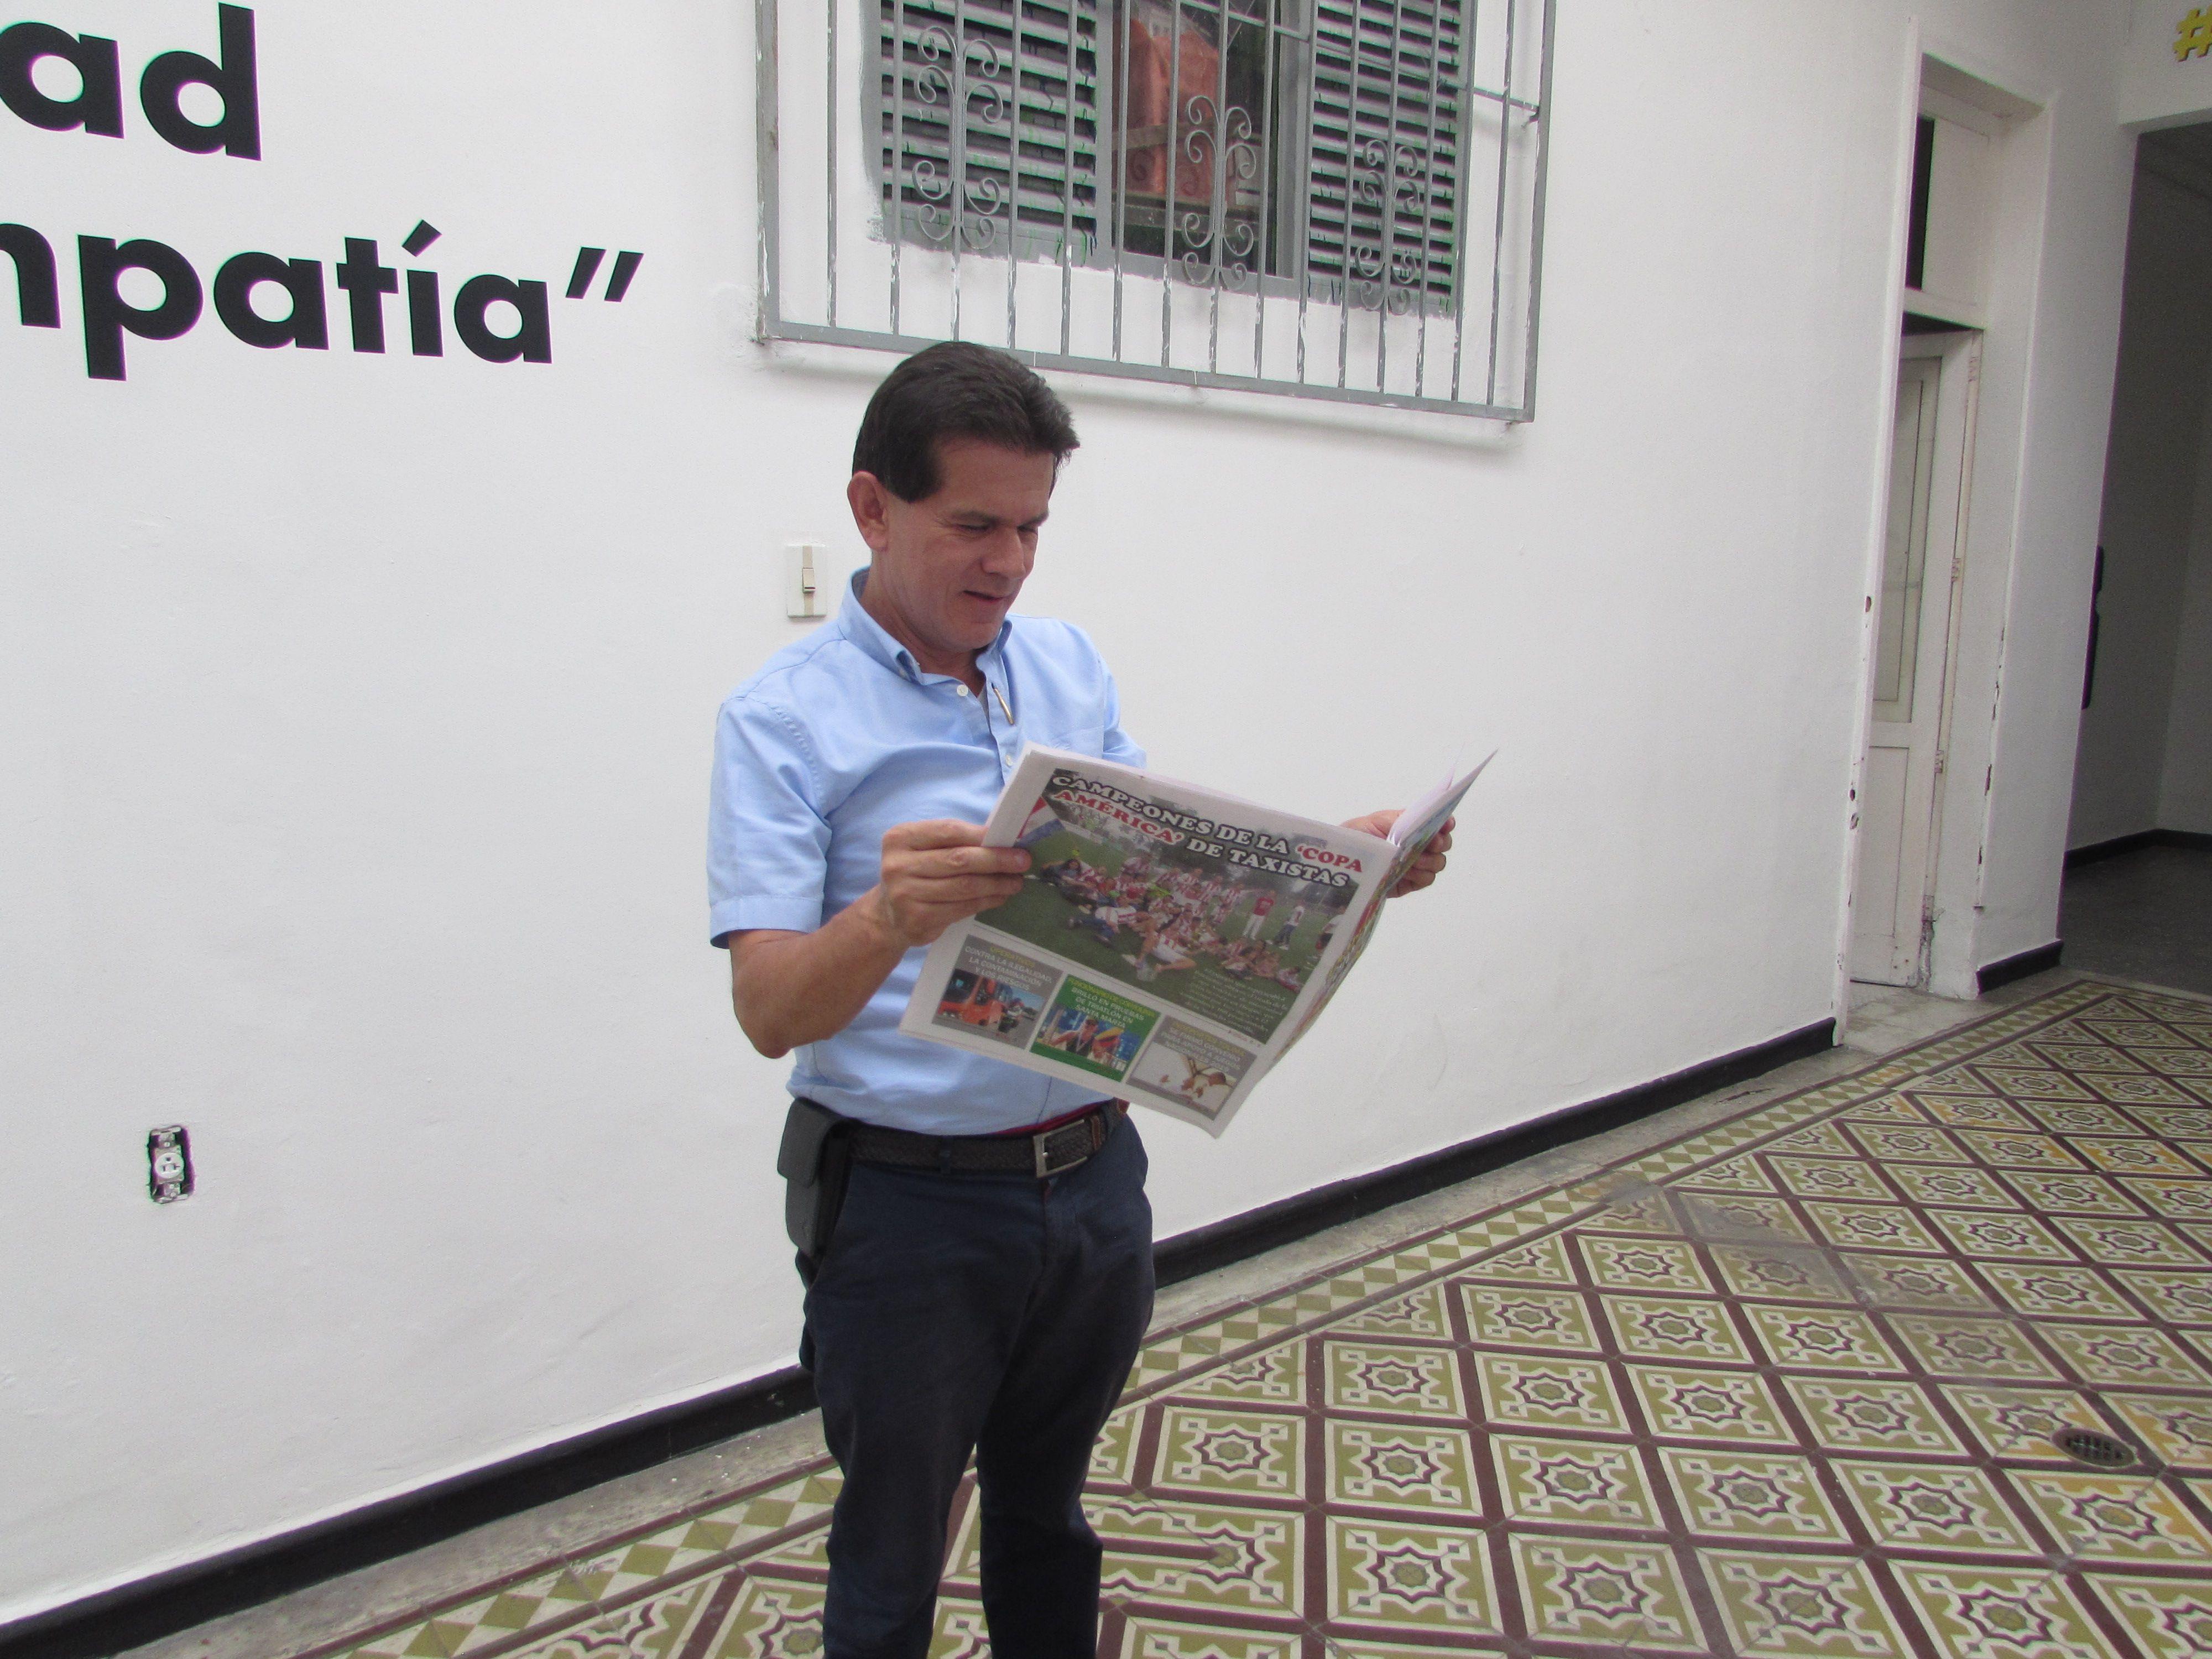 Entrevista con Alfredo Bocanegra: El candidato a la alcaldía habla con LA CABRILLA de los problemas tránsito y movilidad en Ibagué